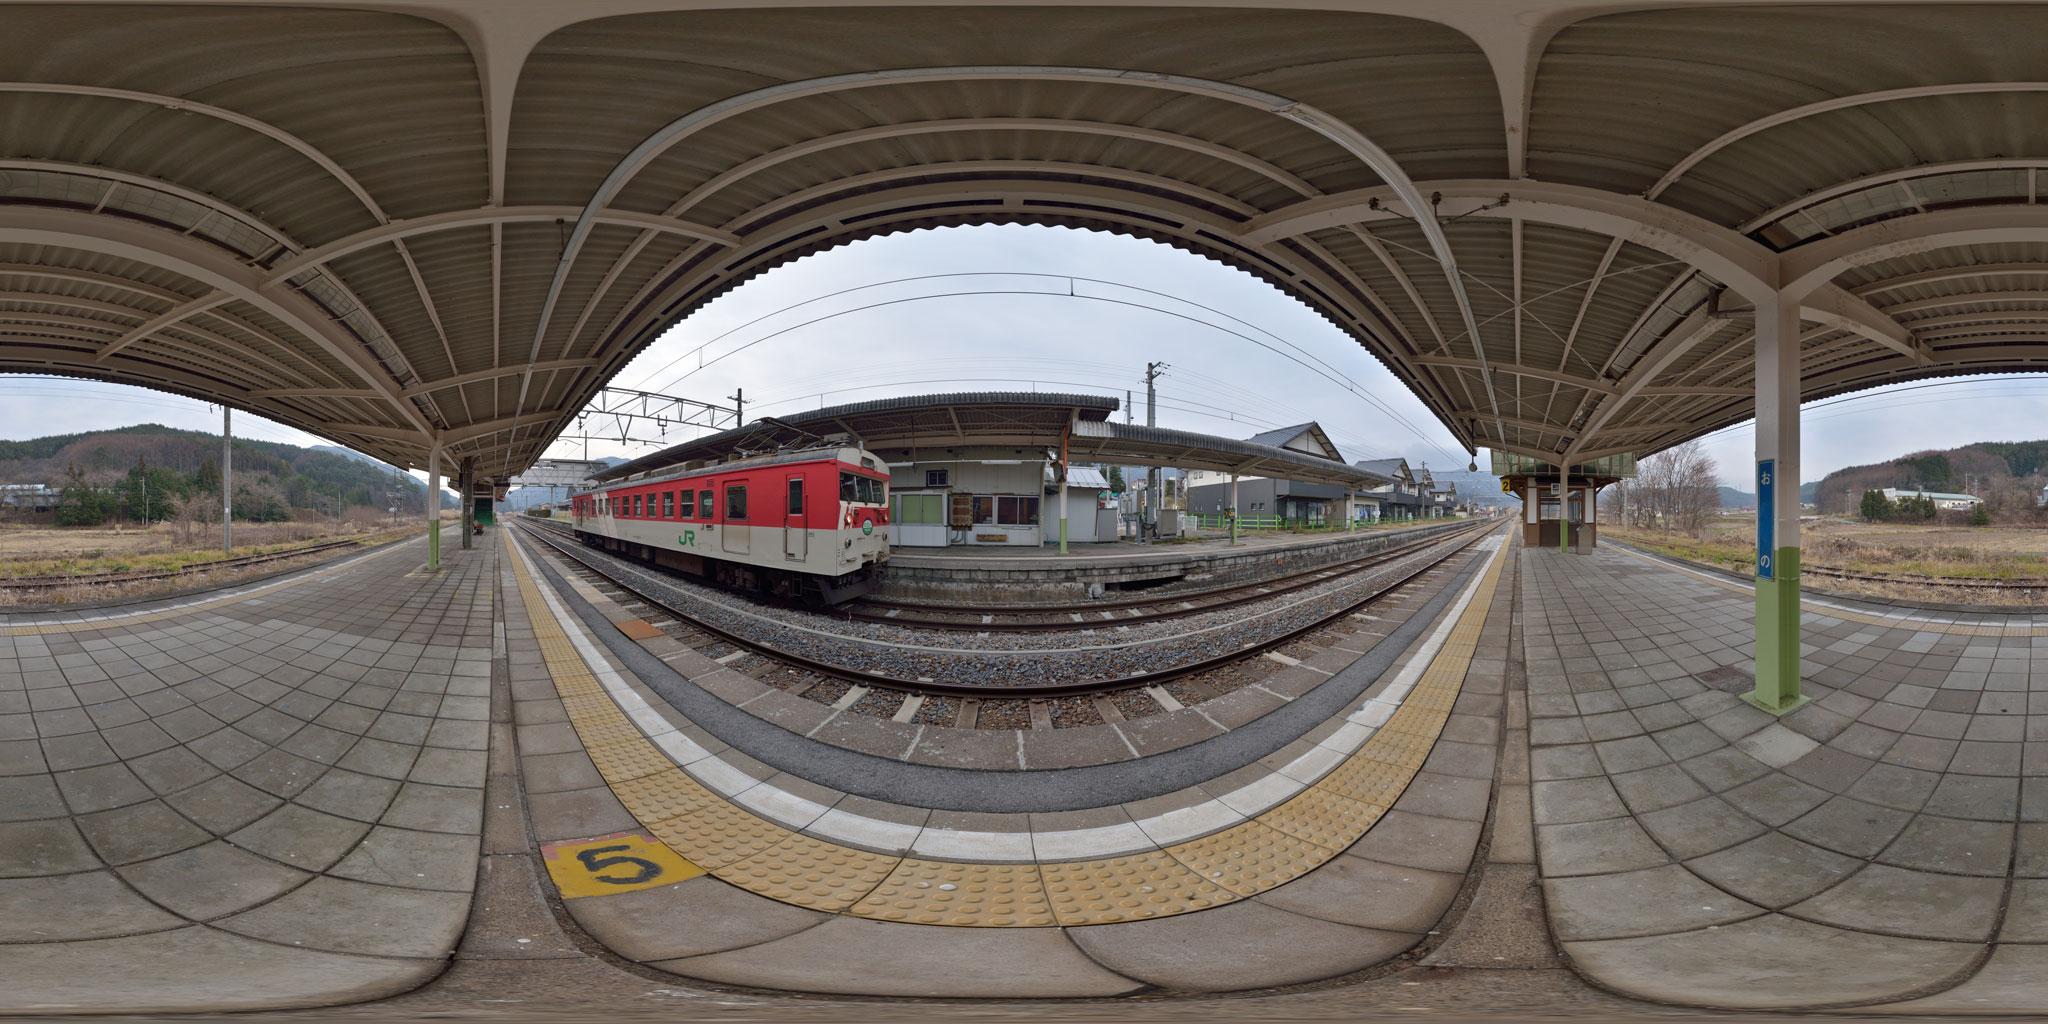 小野駅に停車中のミニエコー